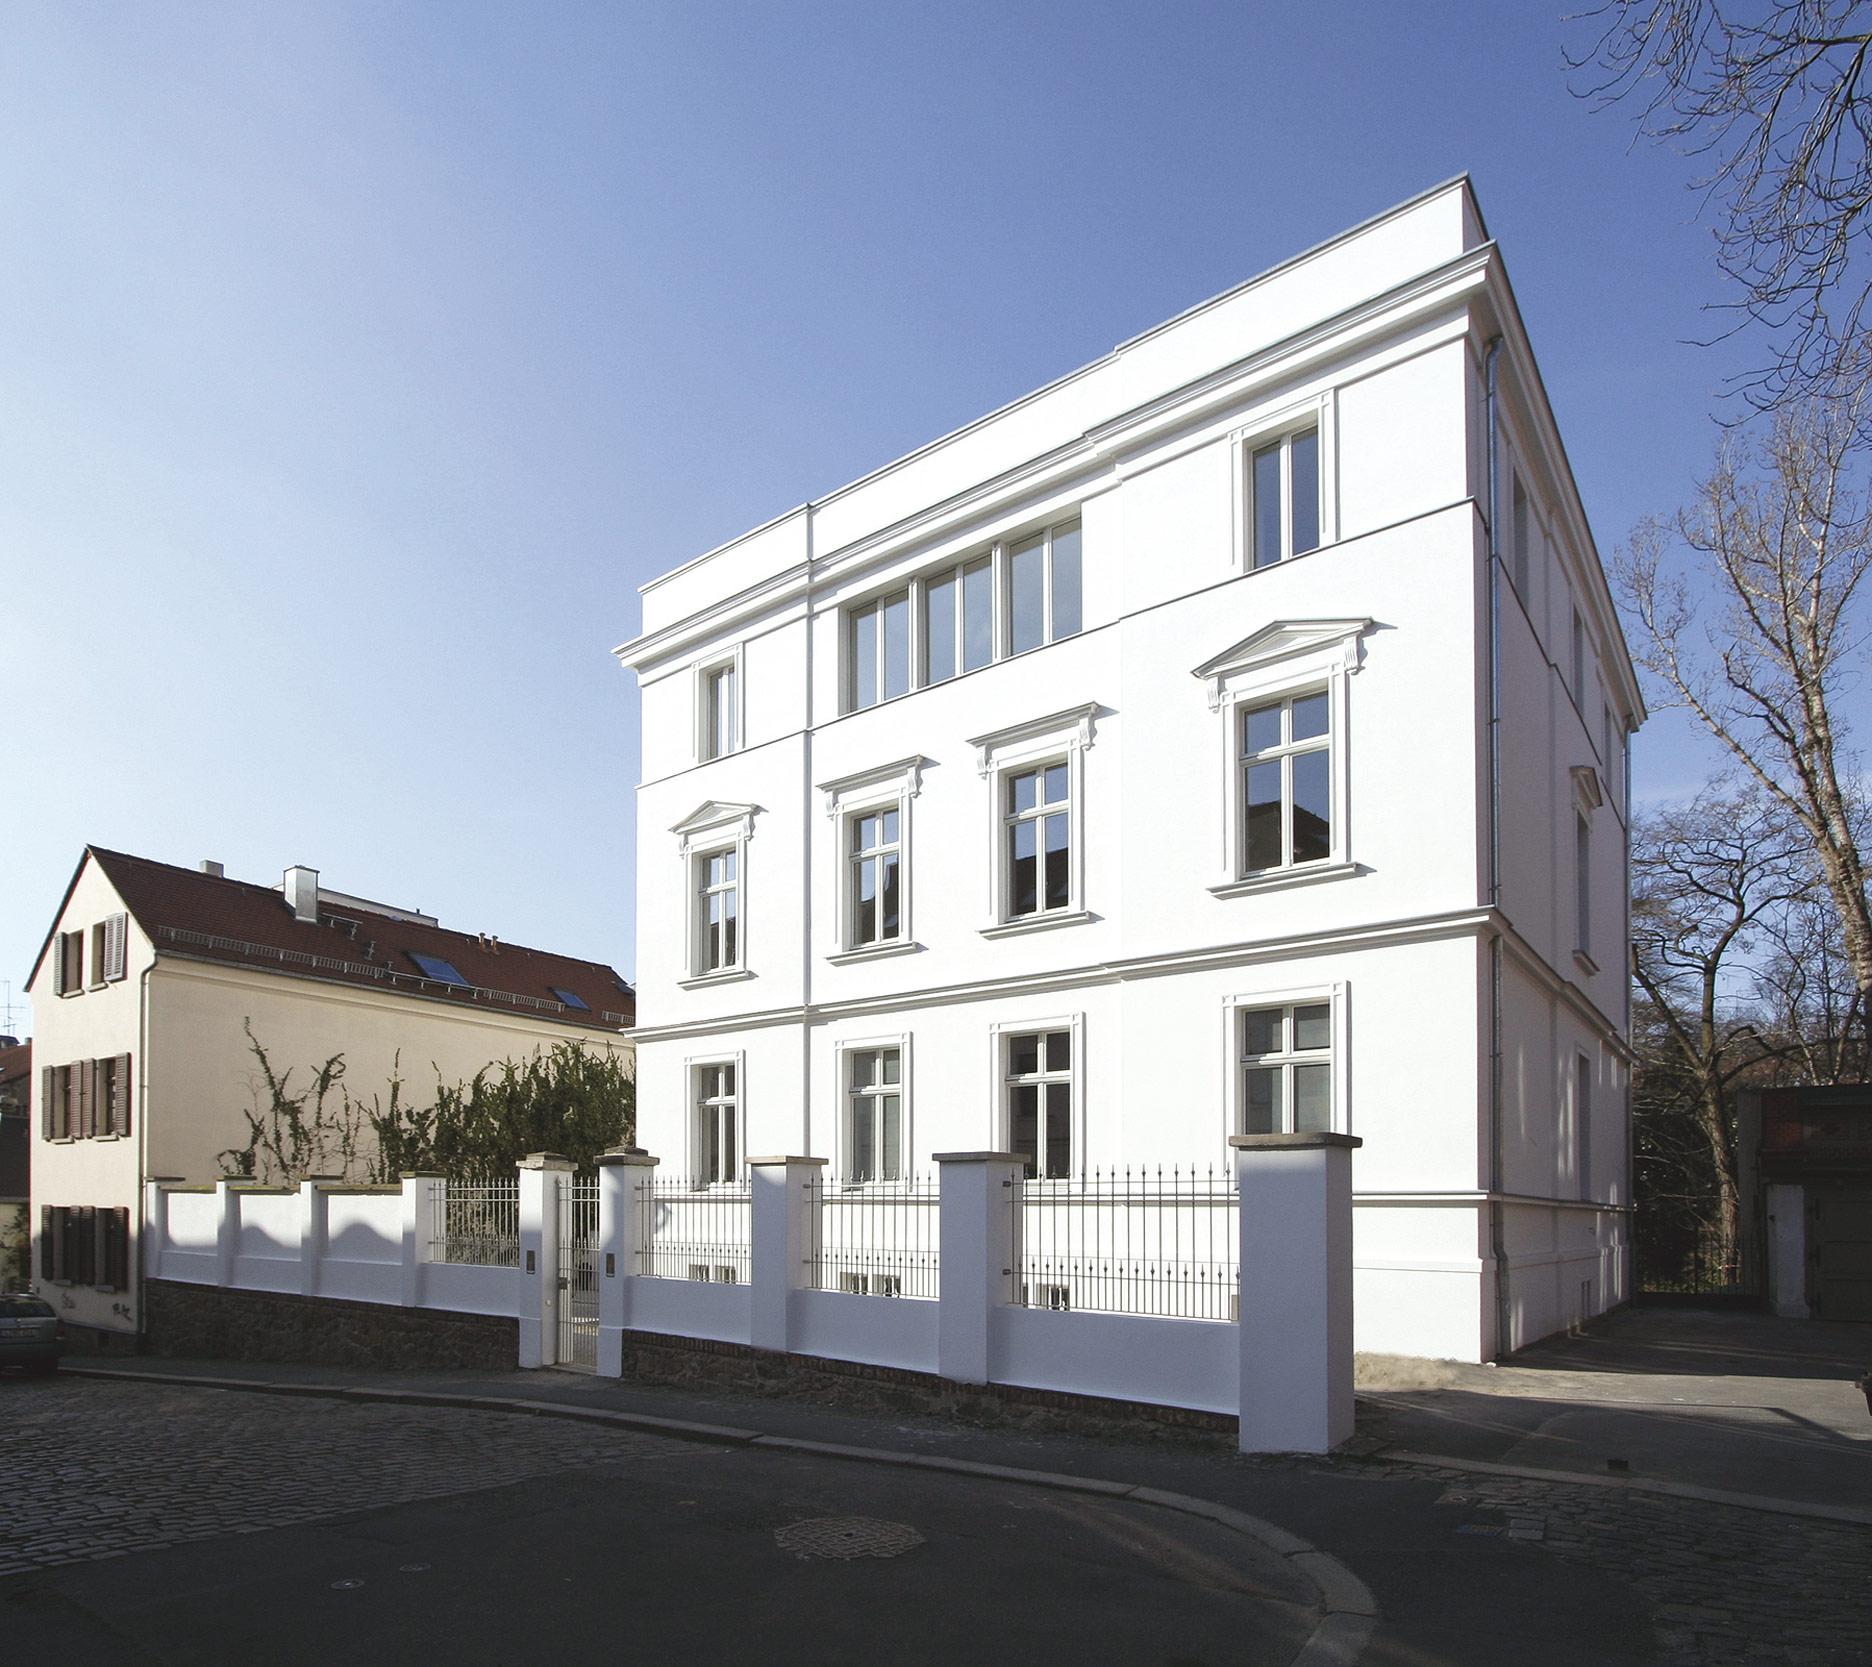 Die Straßenansicht hat die klassische Fassadenteilung eines Pallazzo.